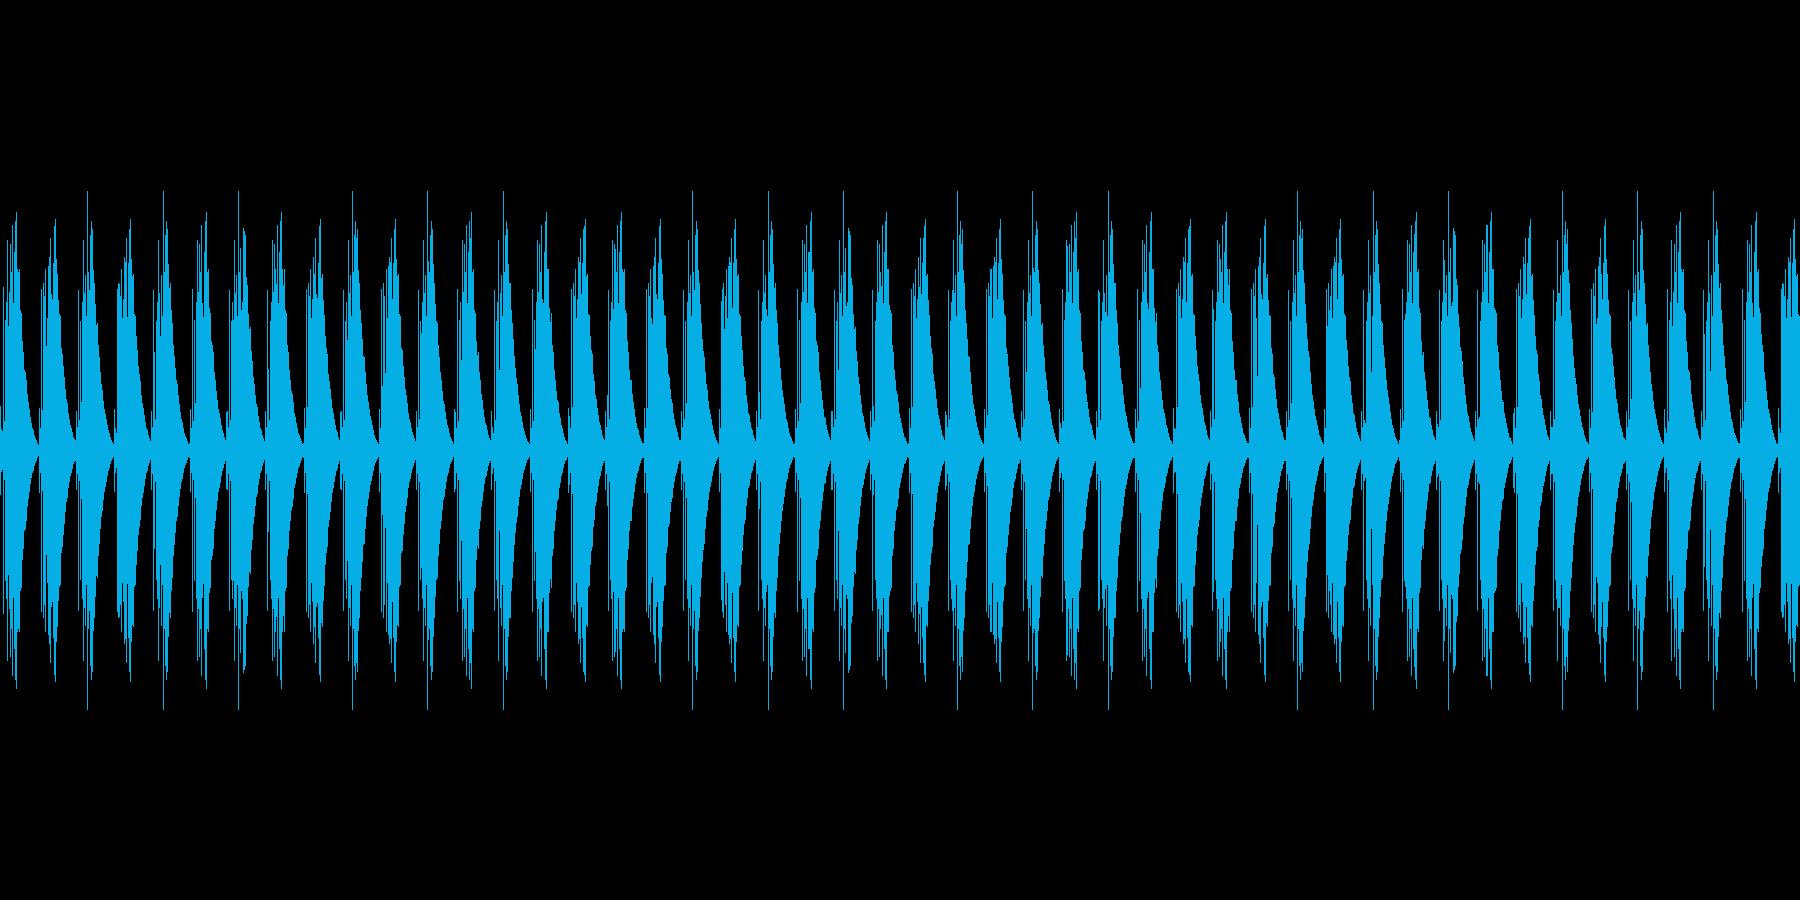 ゲージ・スコアカウント音(ピピピピピ)の再生済みの波形